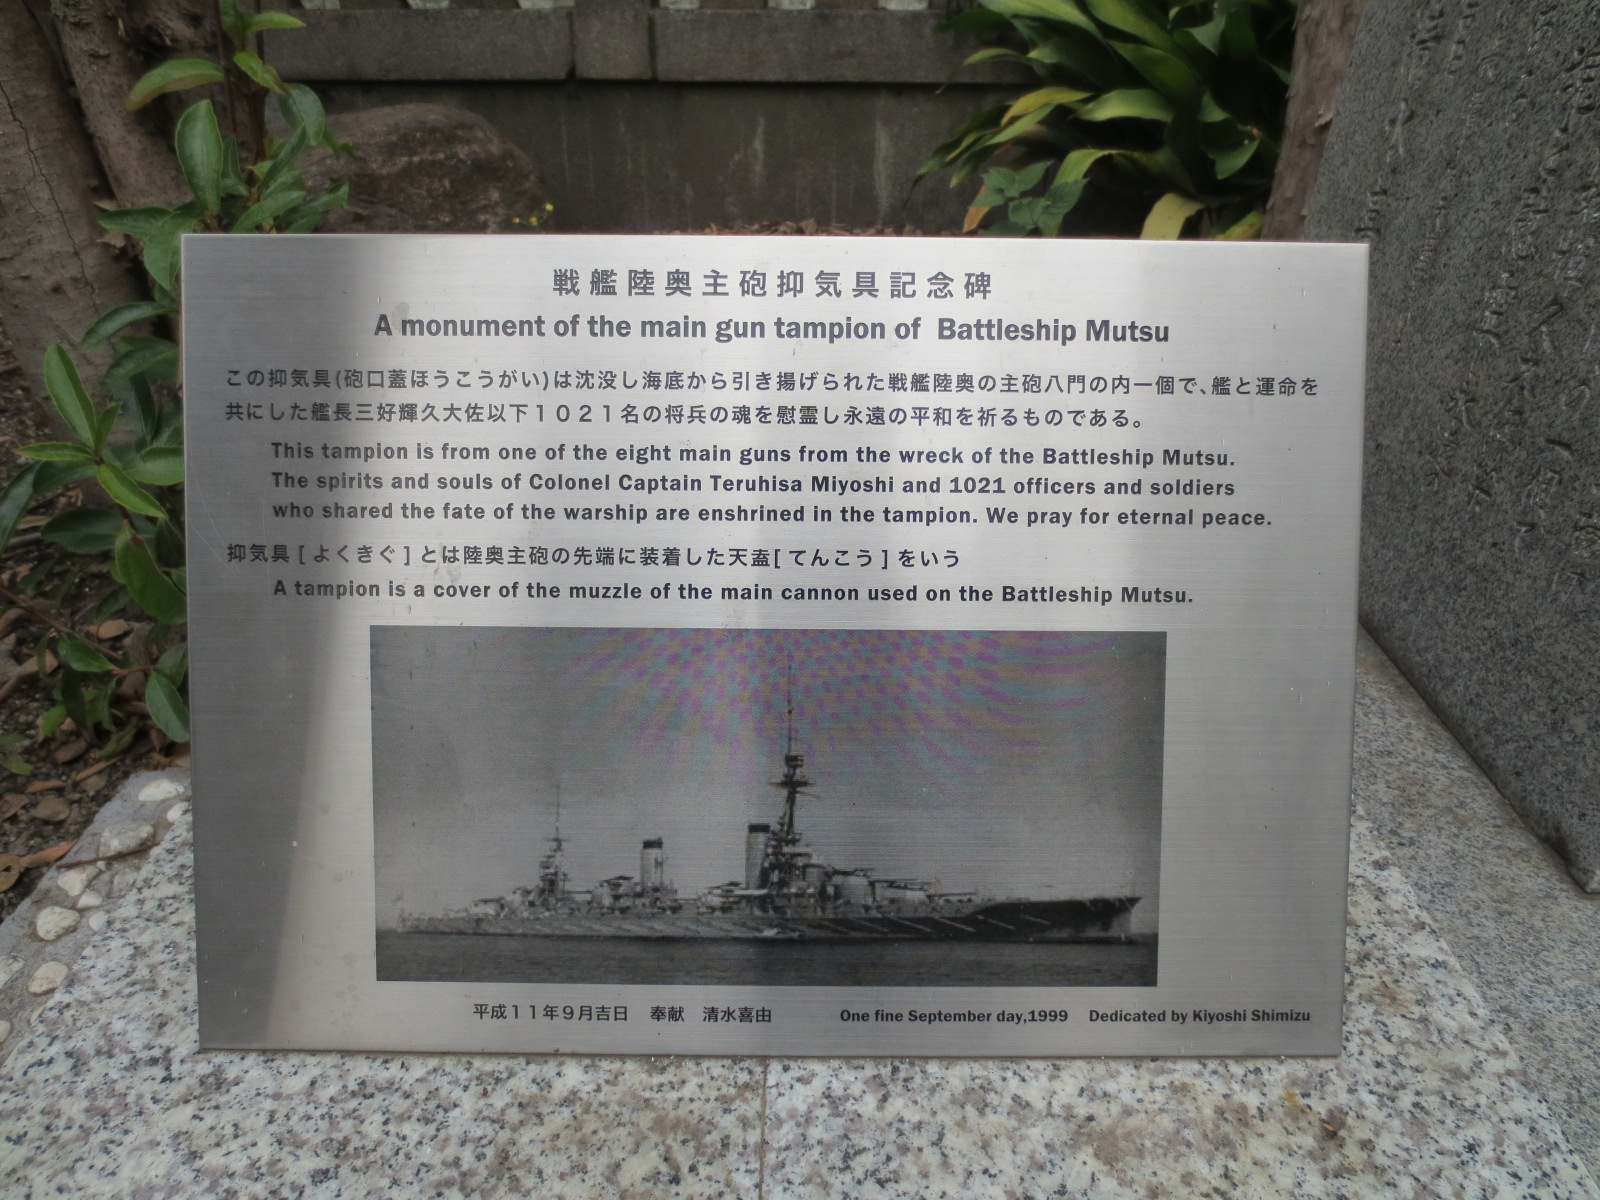 難波八阪神社:戦艦陸奥主砲抑気具